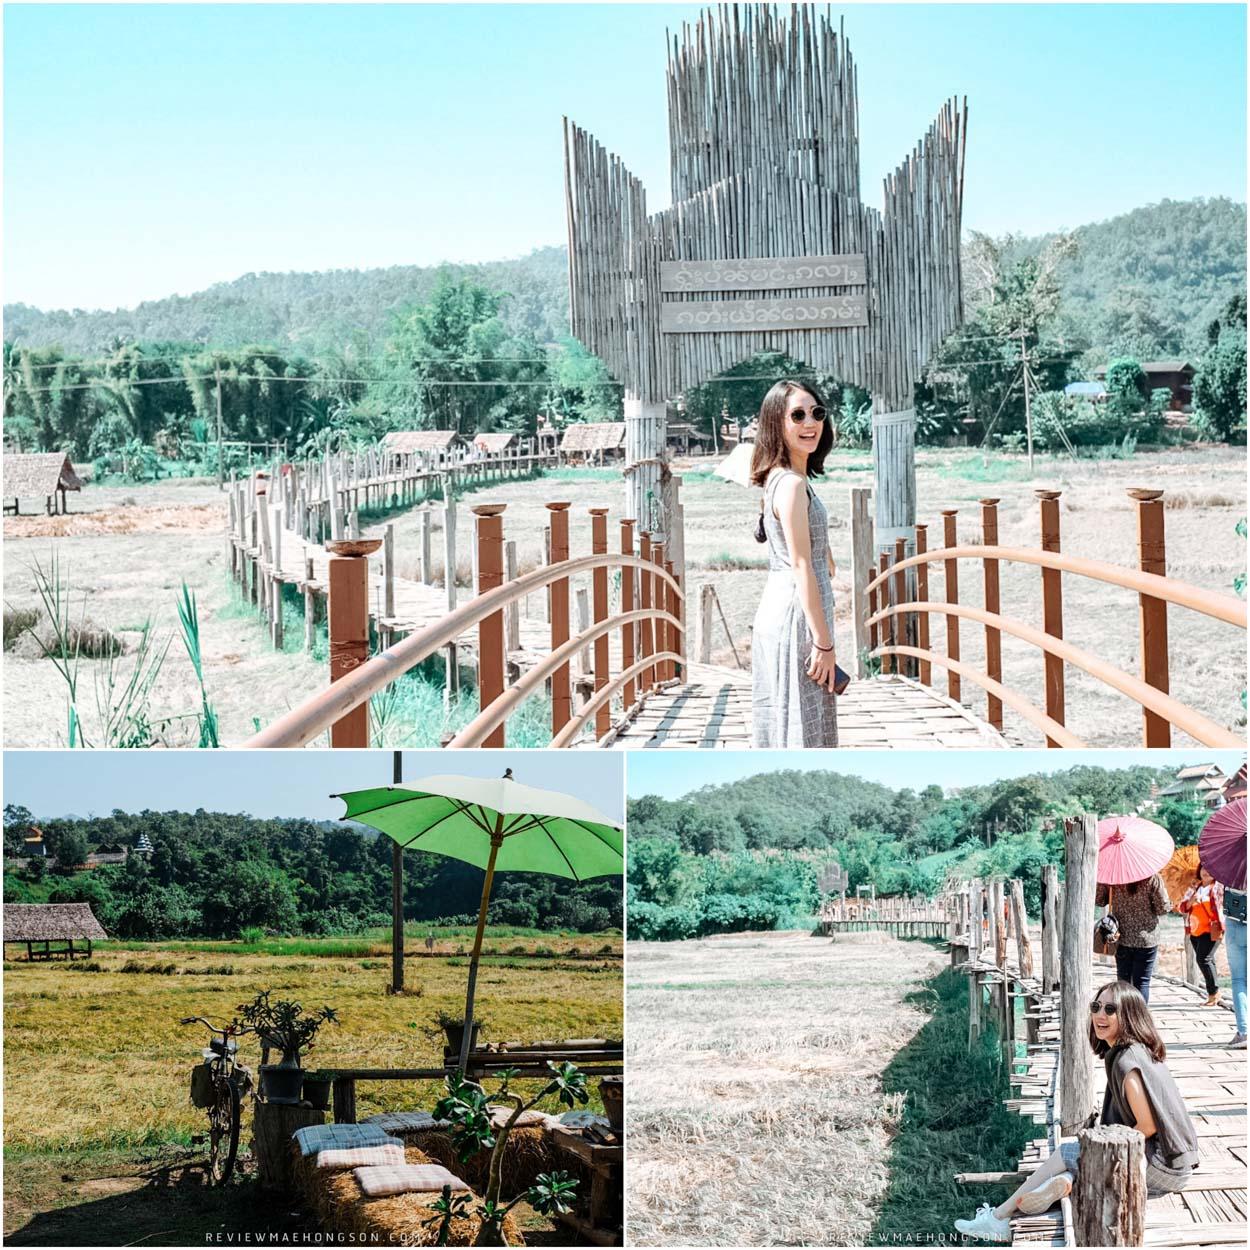 สะพานซูตองเป้ ชมวิวแม่น้ำสายเล็กๆระหว่างหมู่บ้านมีวิวของทุ่งนาสีเขียว และอิ่มบุญกับการใส่บาตรพระในยามเช้าบนสะพานไม้ ได้ทั้งรูปครบสะทุกอย่างเลยทีเดียว